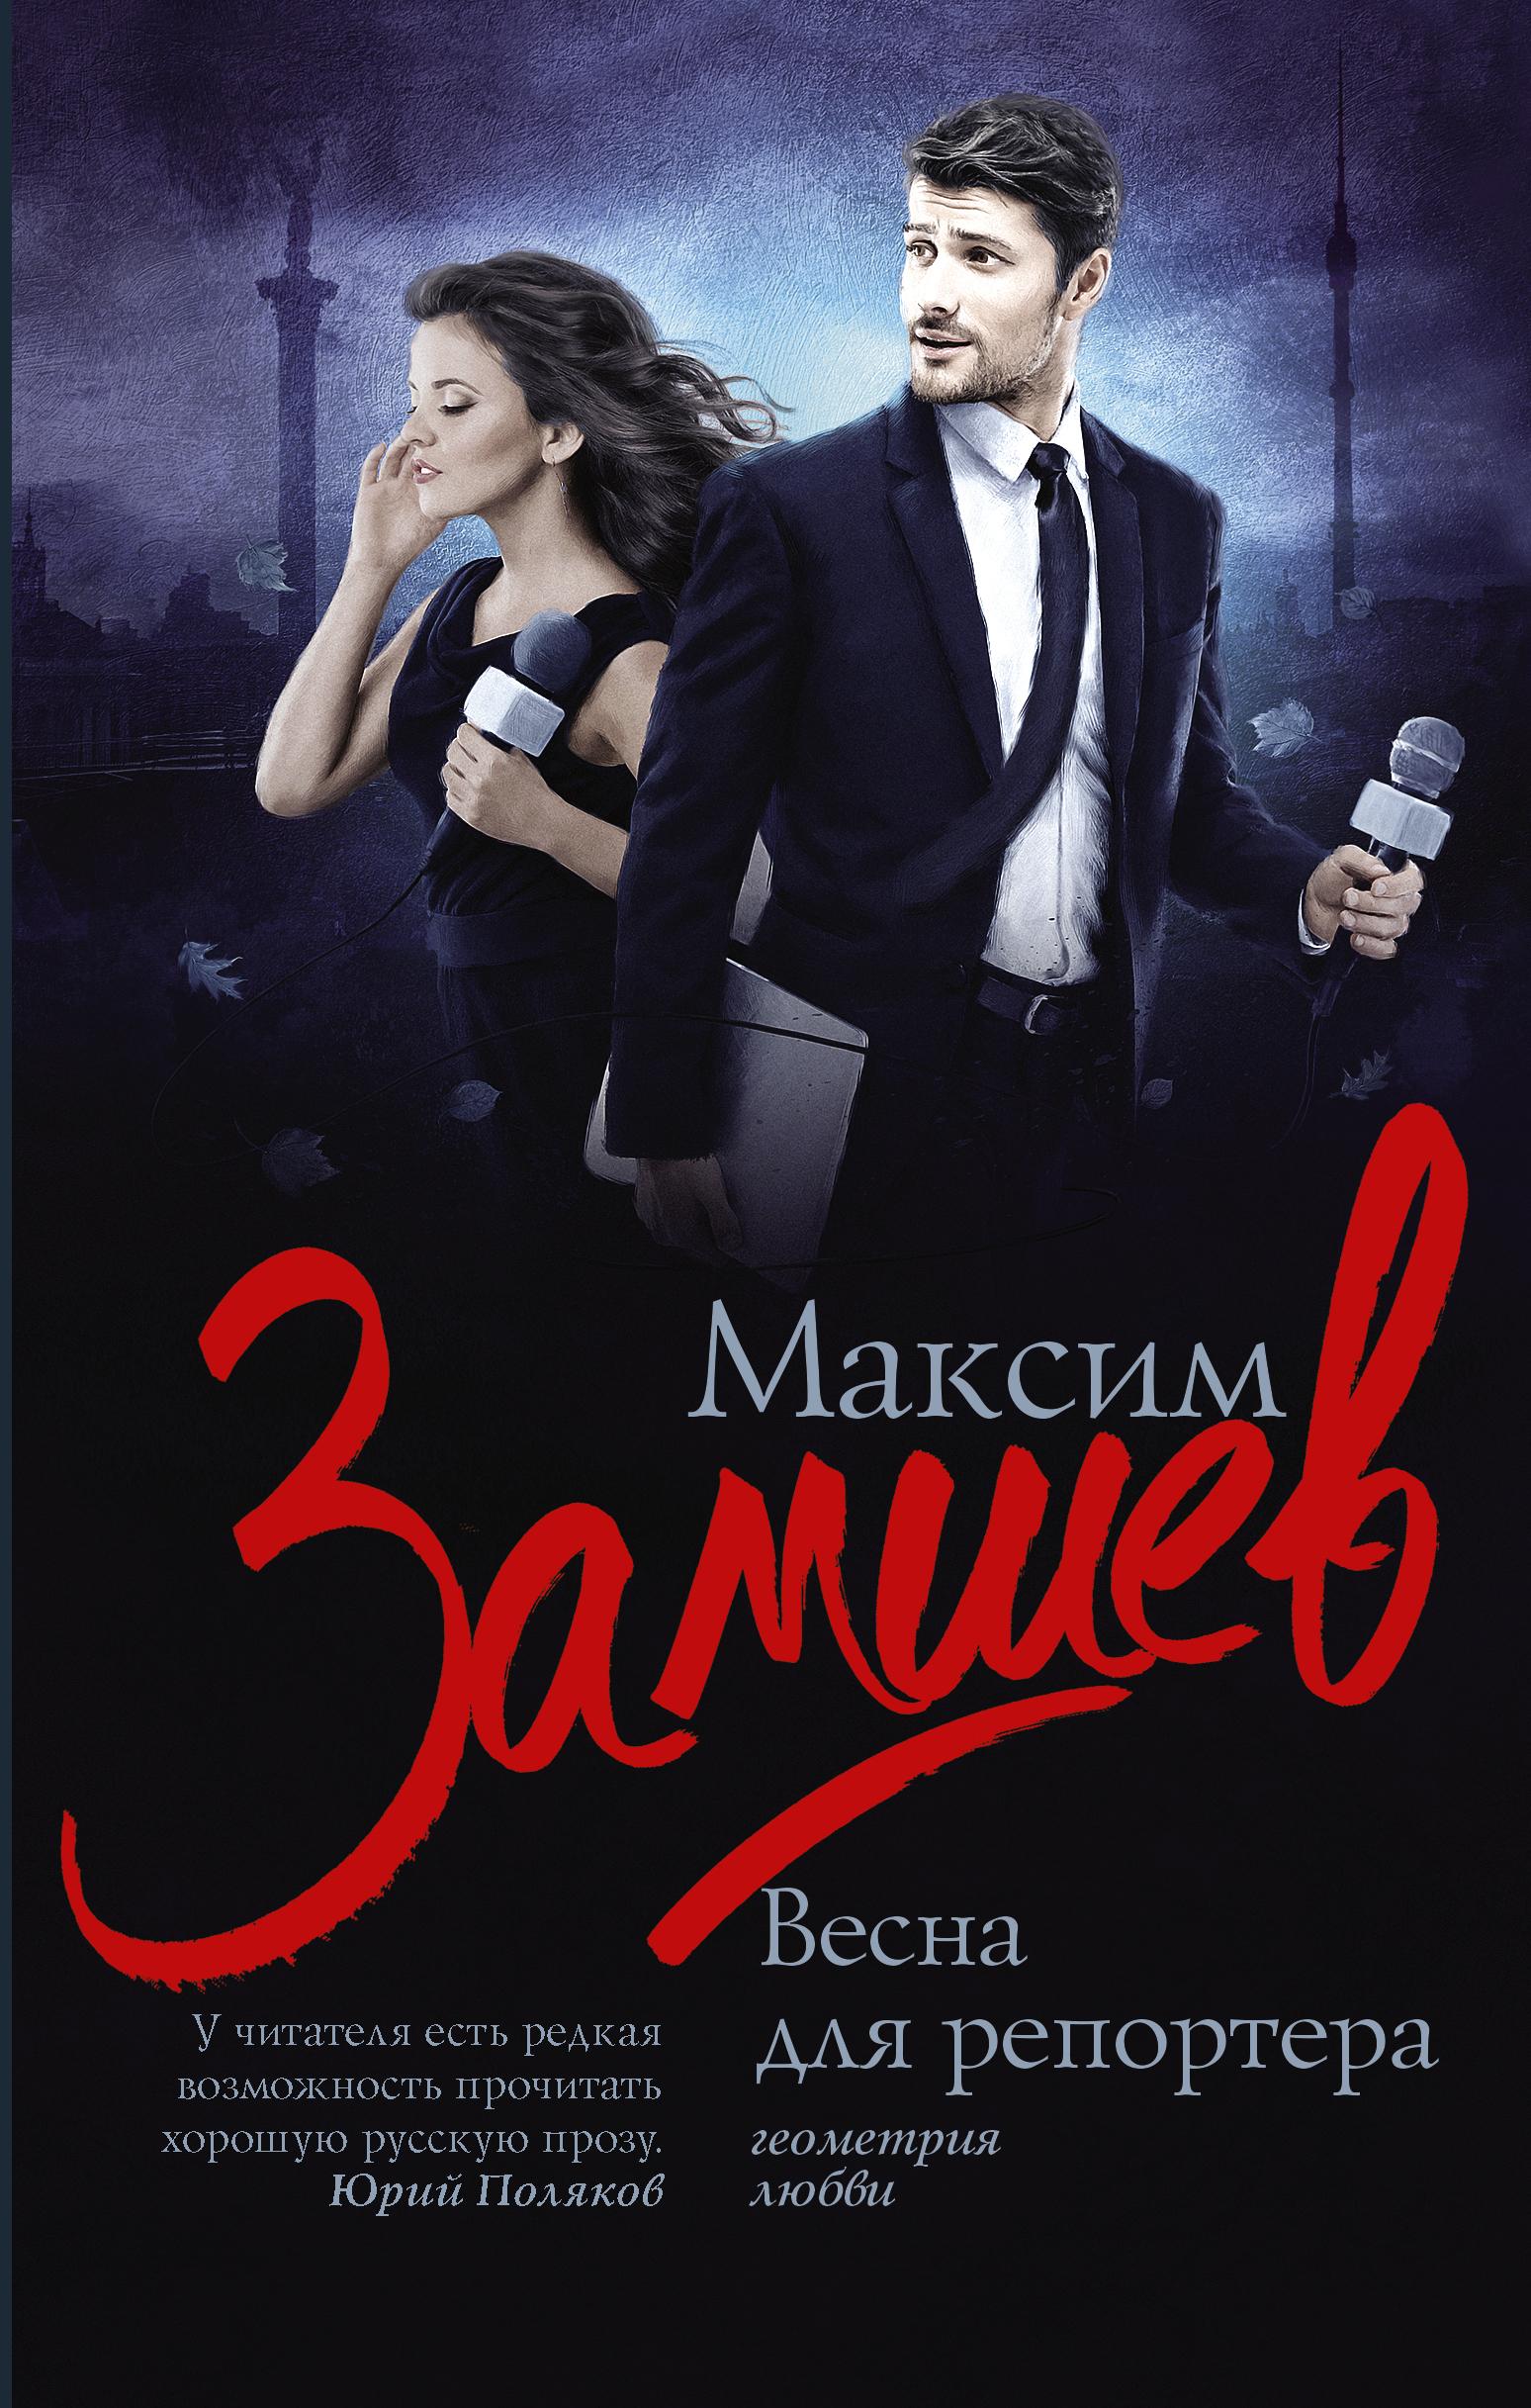 Максим Замшев Весна для репортера